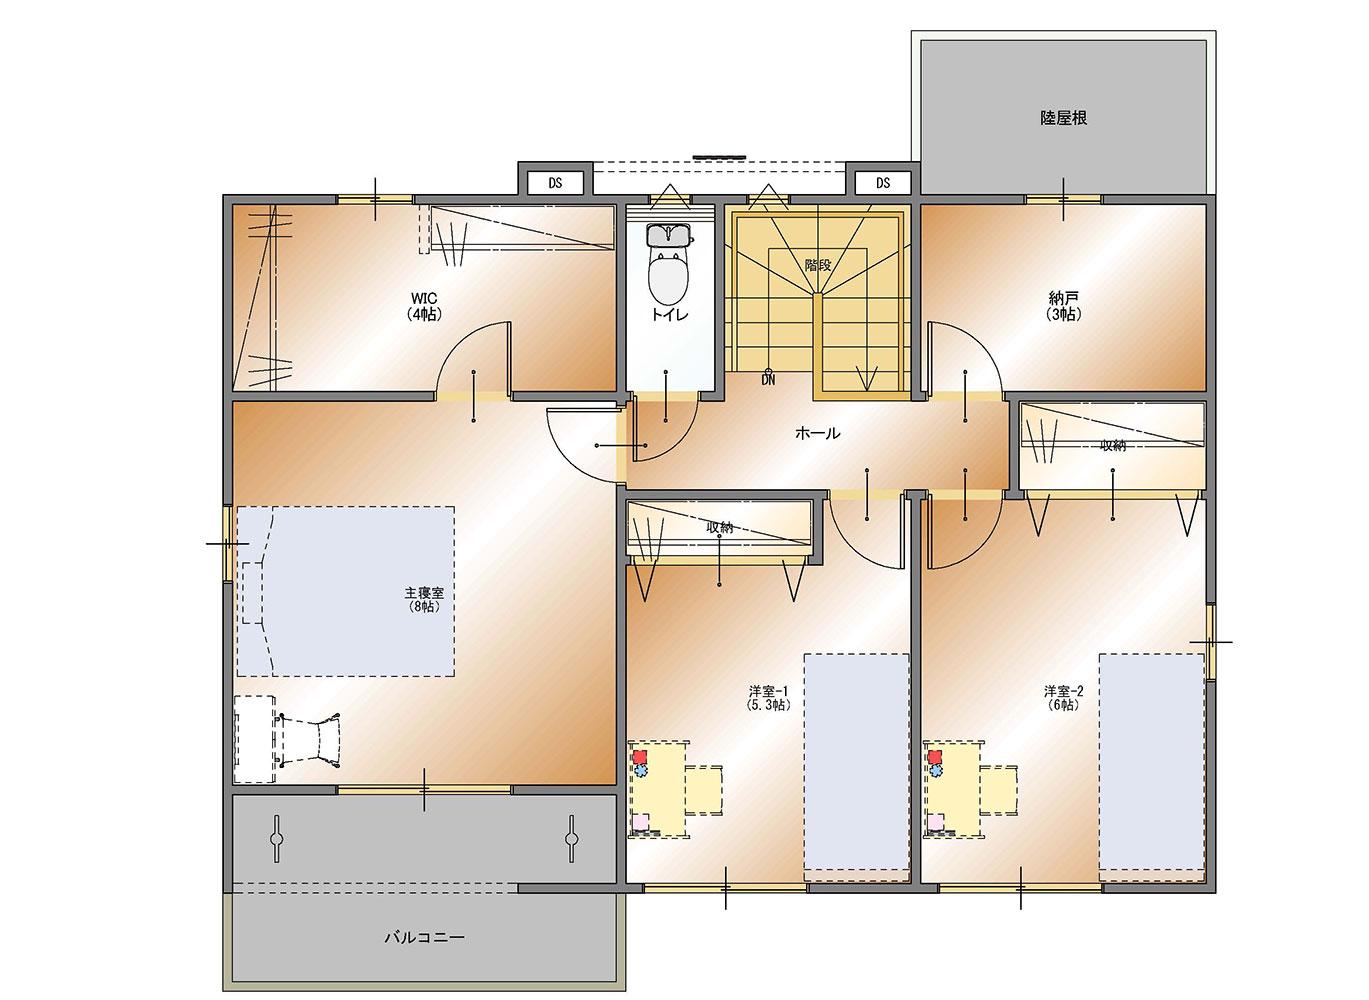 甲府市上今井町B14号棟 建売住宅 平面図2F